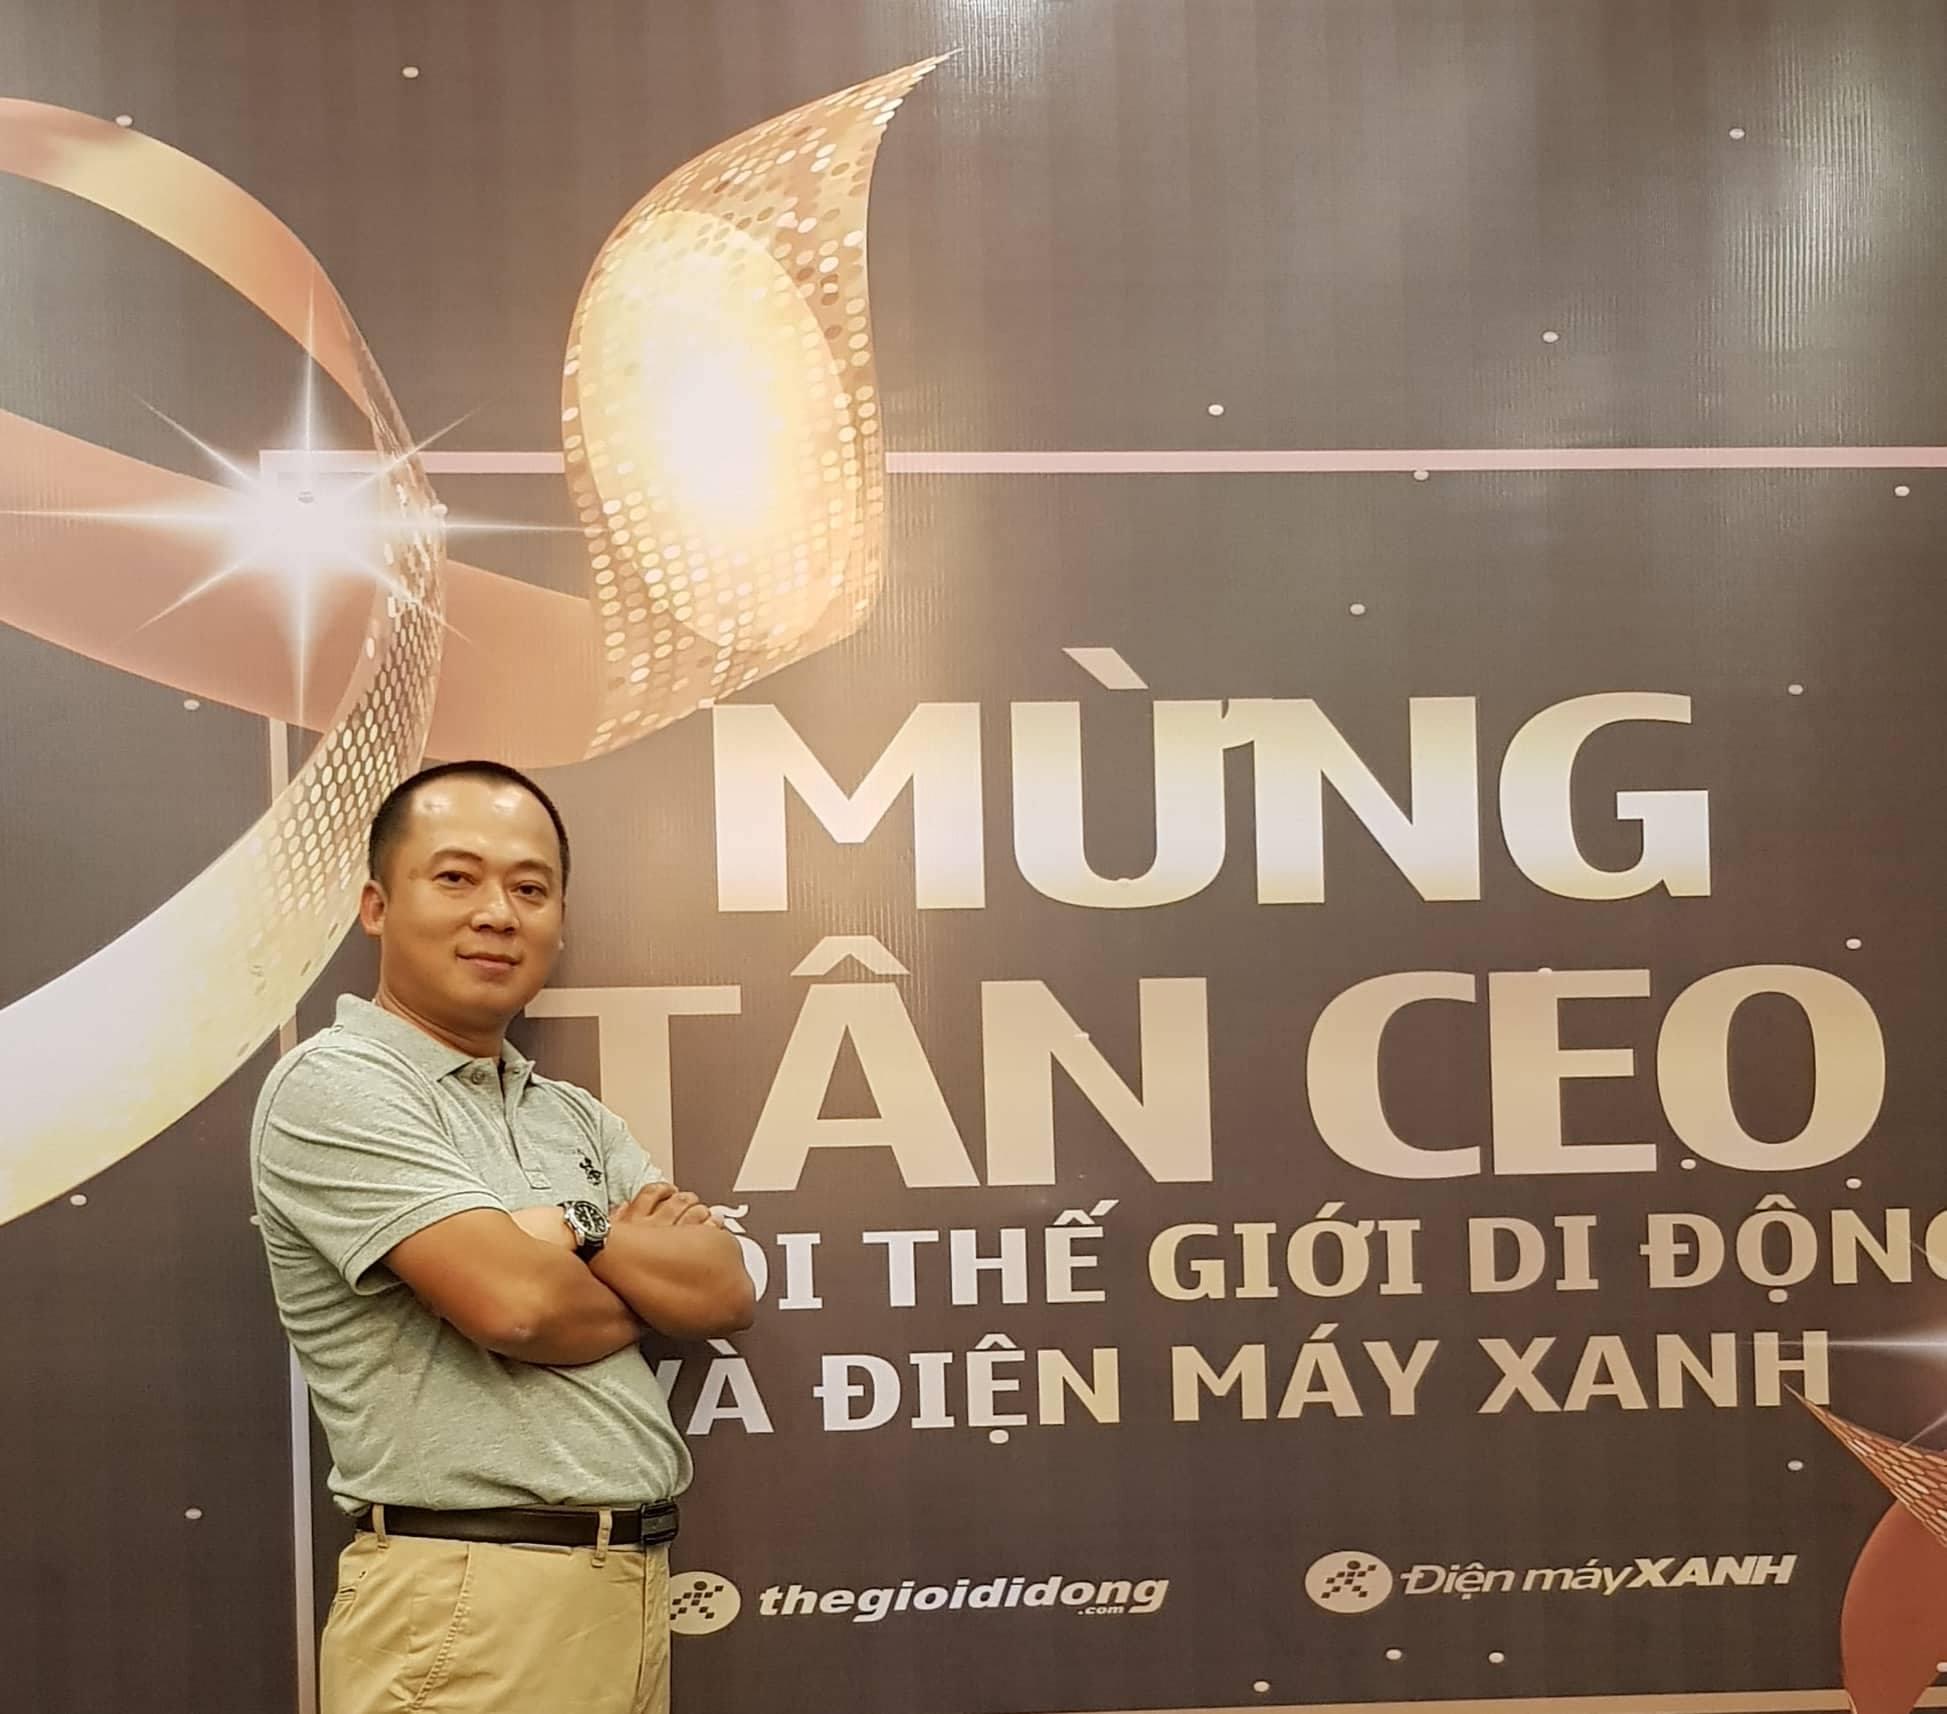 Ông Đoàn Văn Hiểu em là tân CEO của Thế Giới Di Động